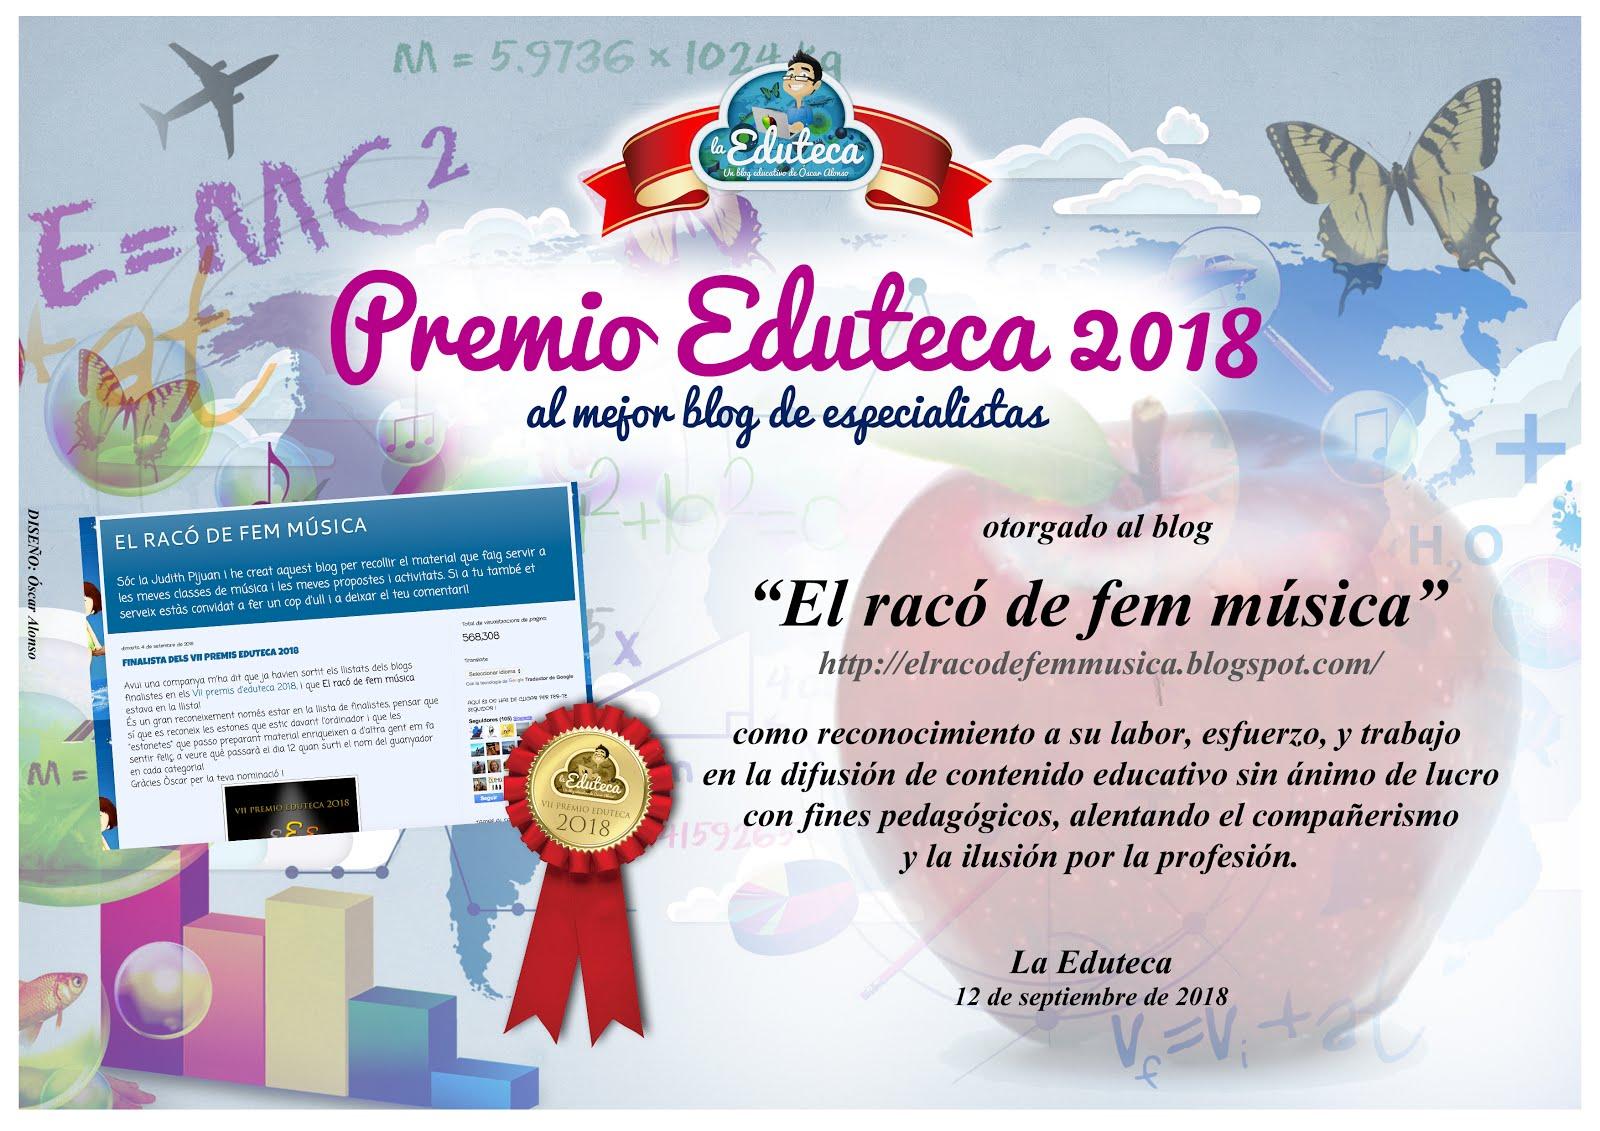 MILLOR BLOG D'ESPECIALISTES 2018